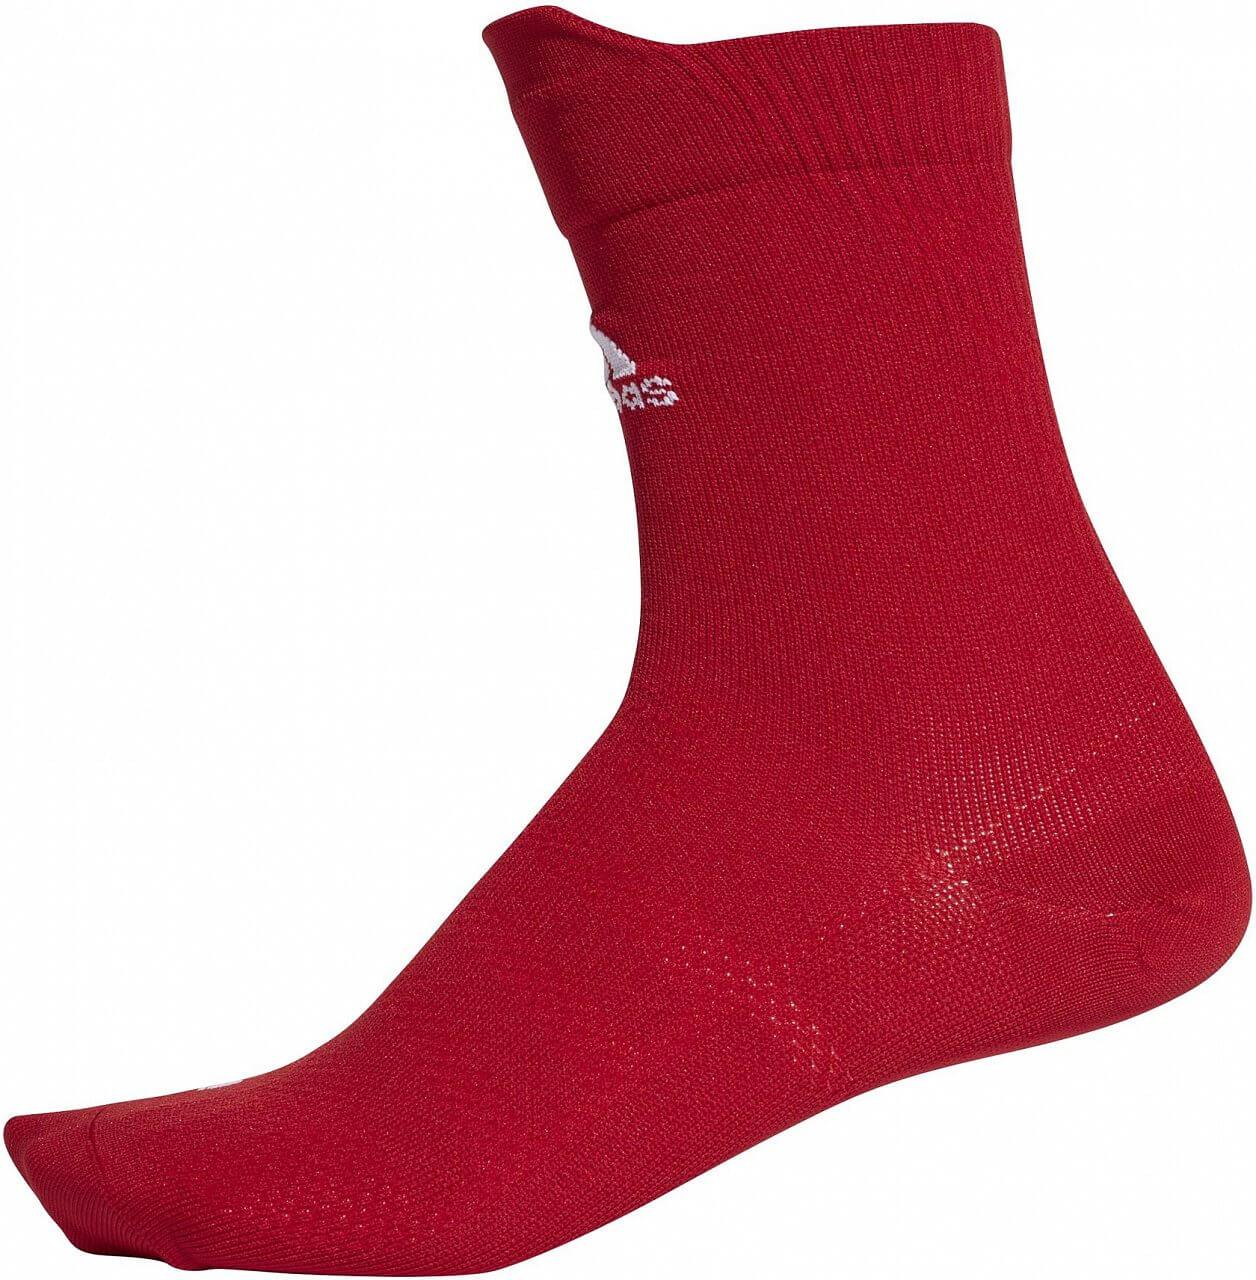 Sportovní ponožky adidas Alphaskin Crew Ultralight